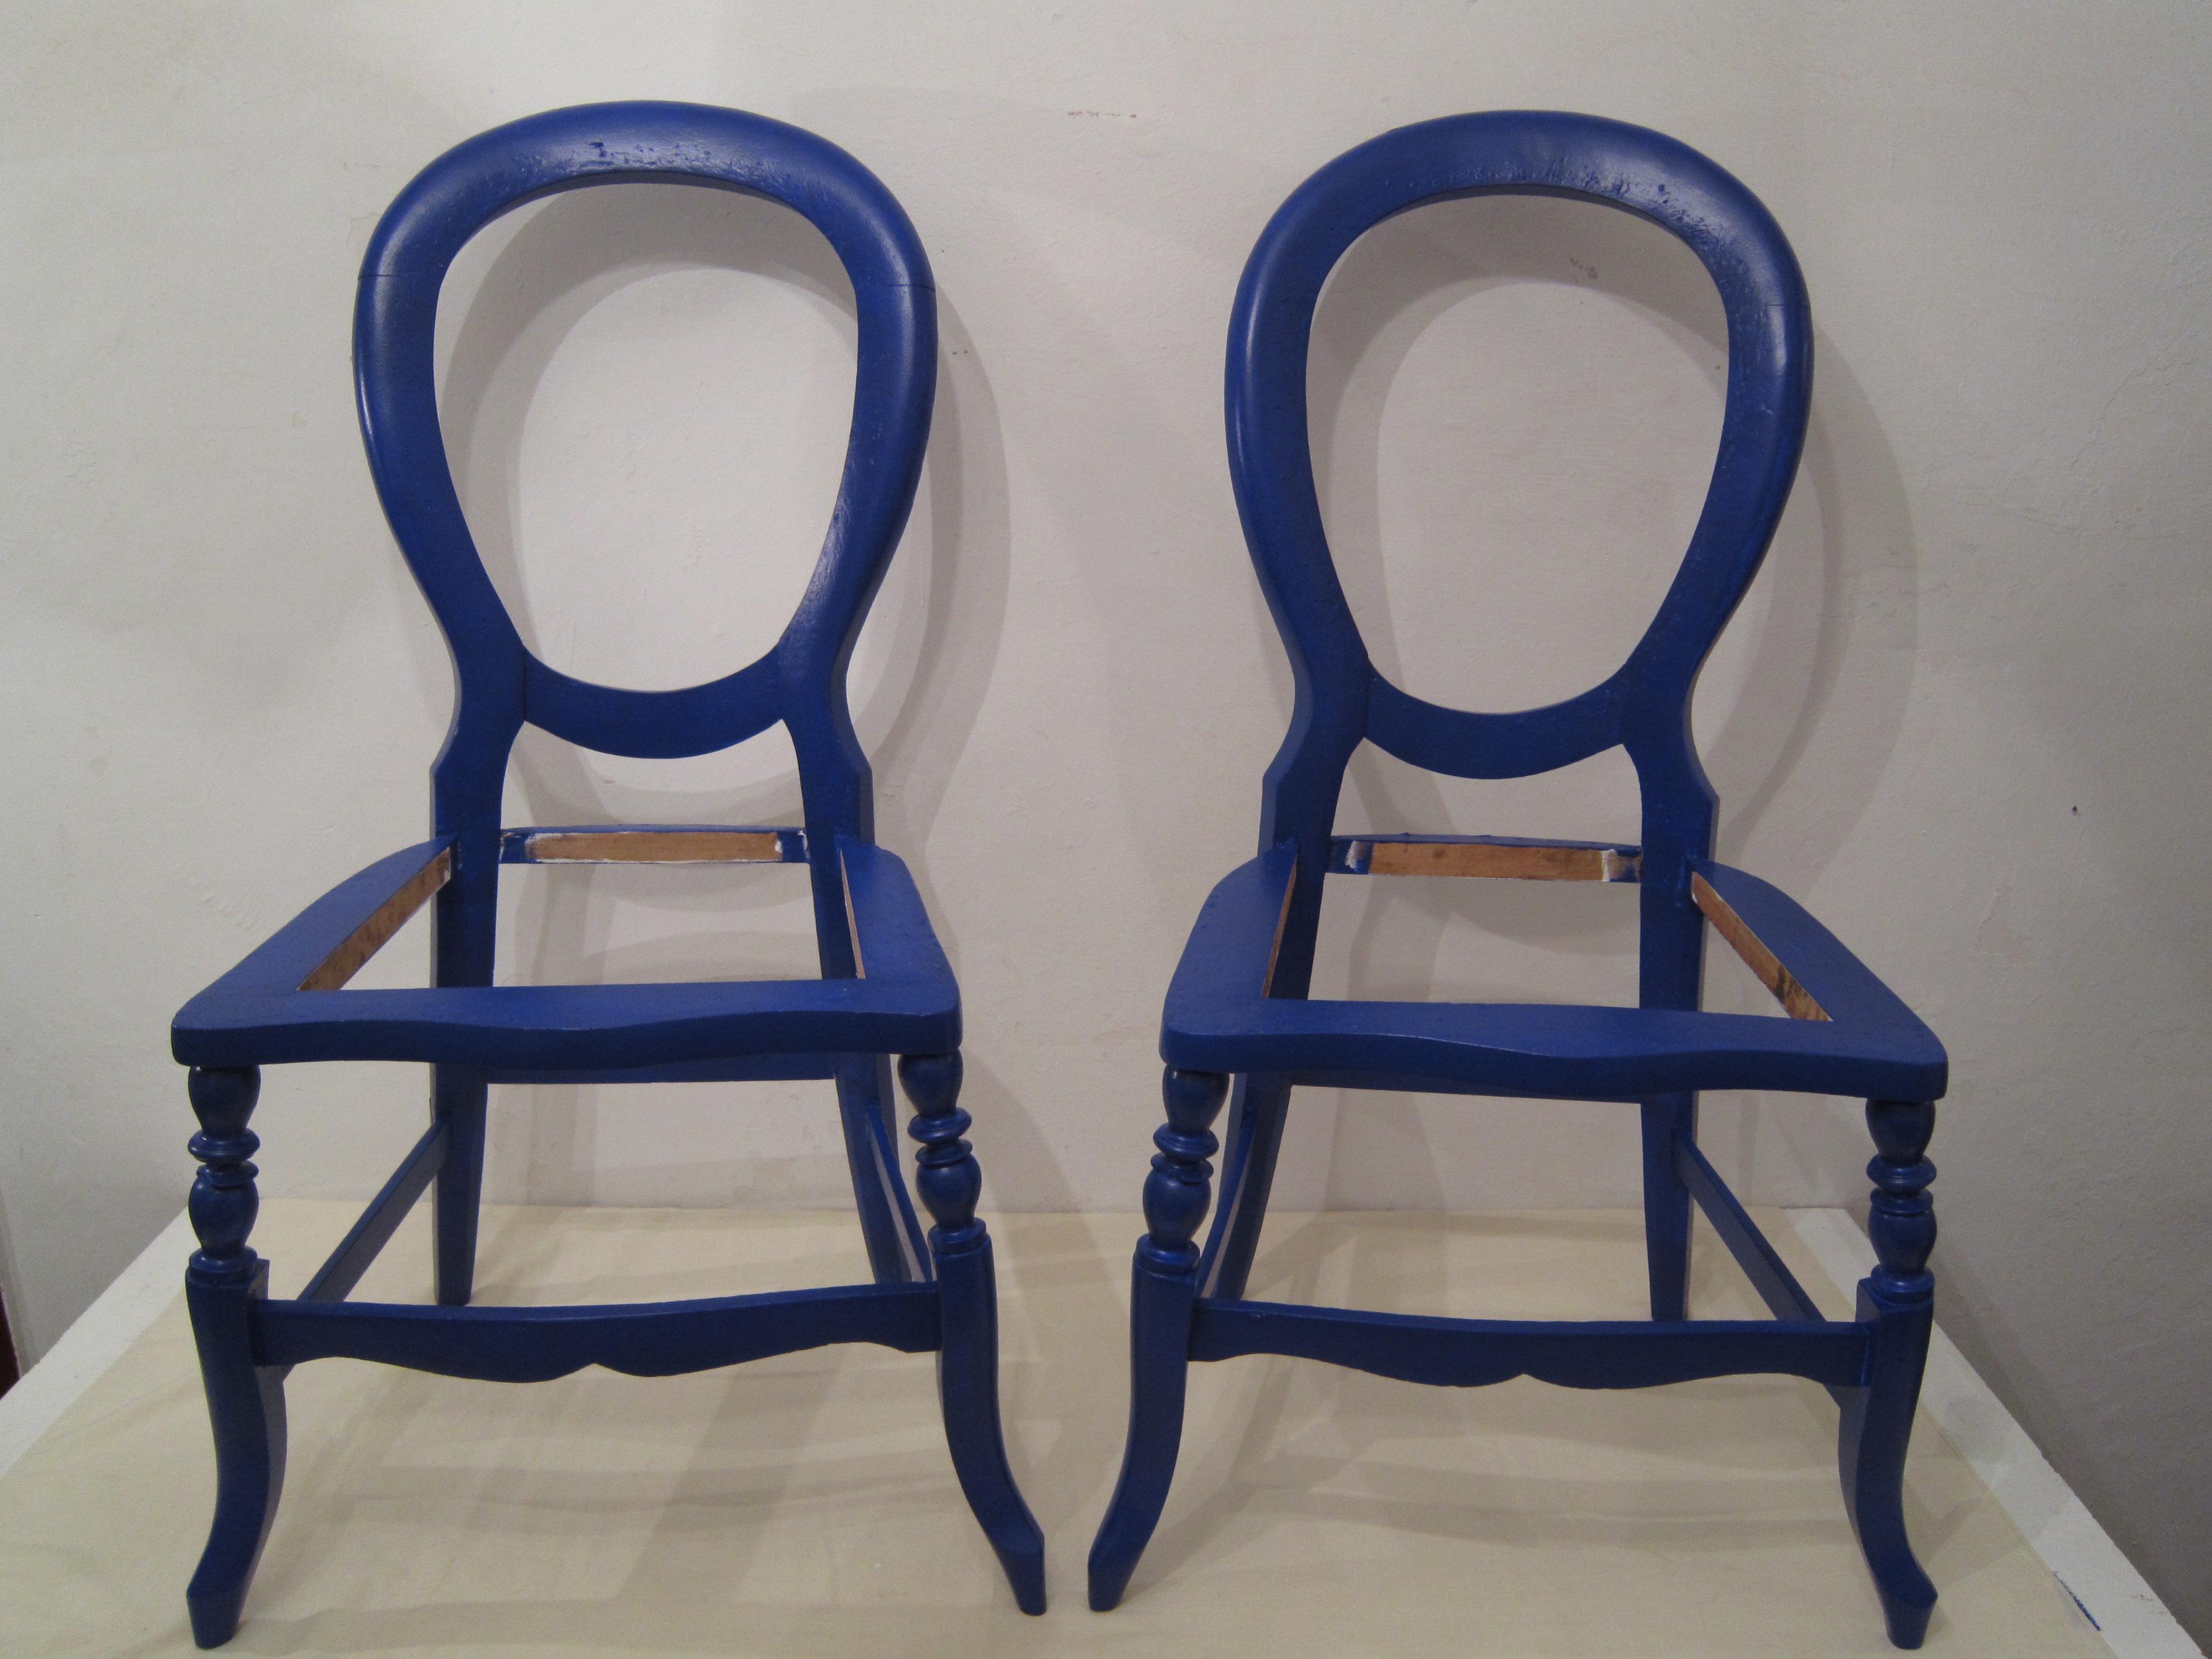 Las sillas una vez pintadas